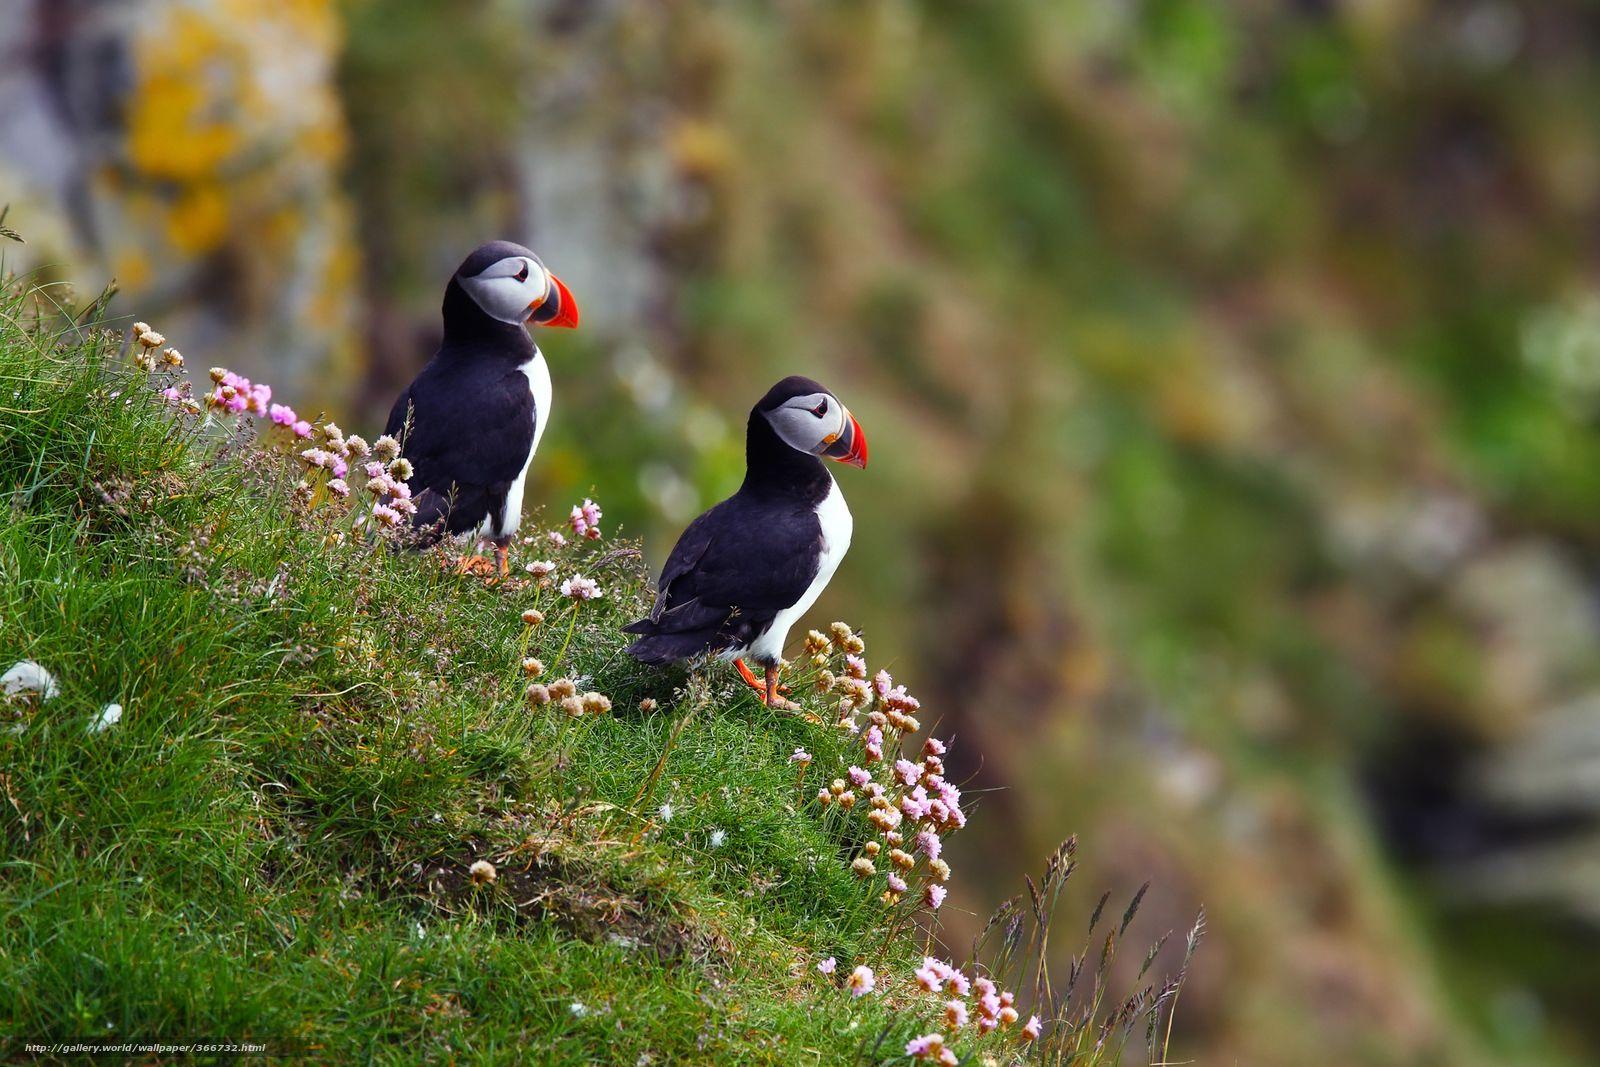 Tlcharger Fond D'ecran Oiseaux, Macareux Moine Fonds D'ecran intérieur Images D Oiseaux Gratuites